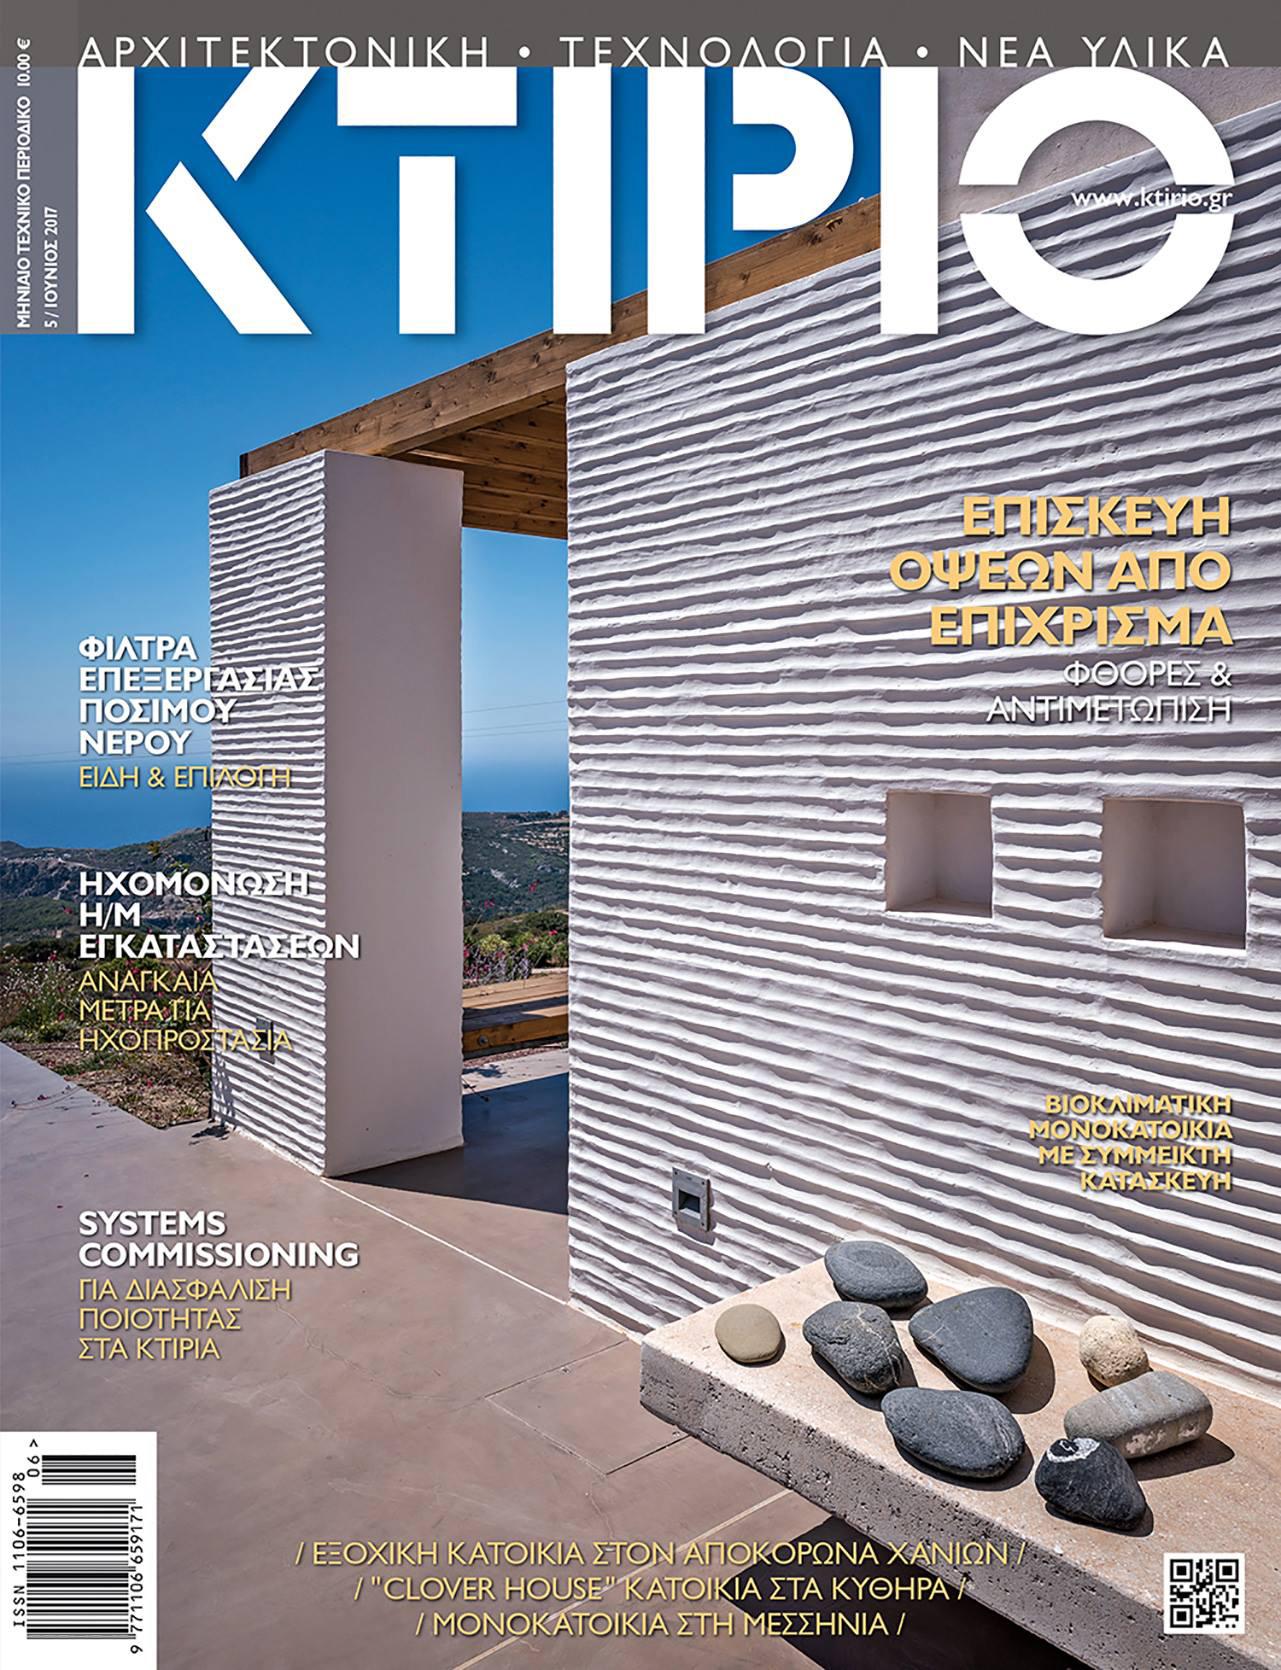 KTIRIO clover cover1